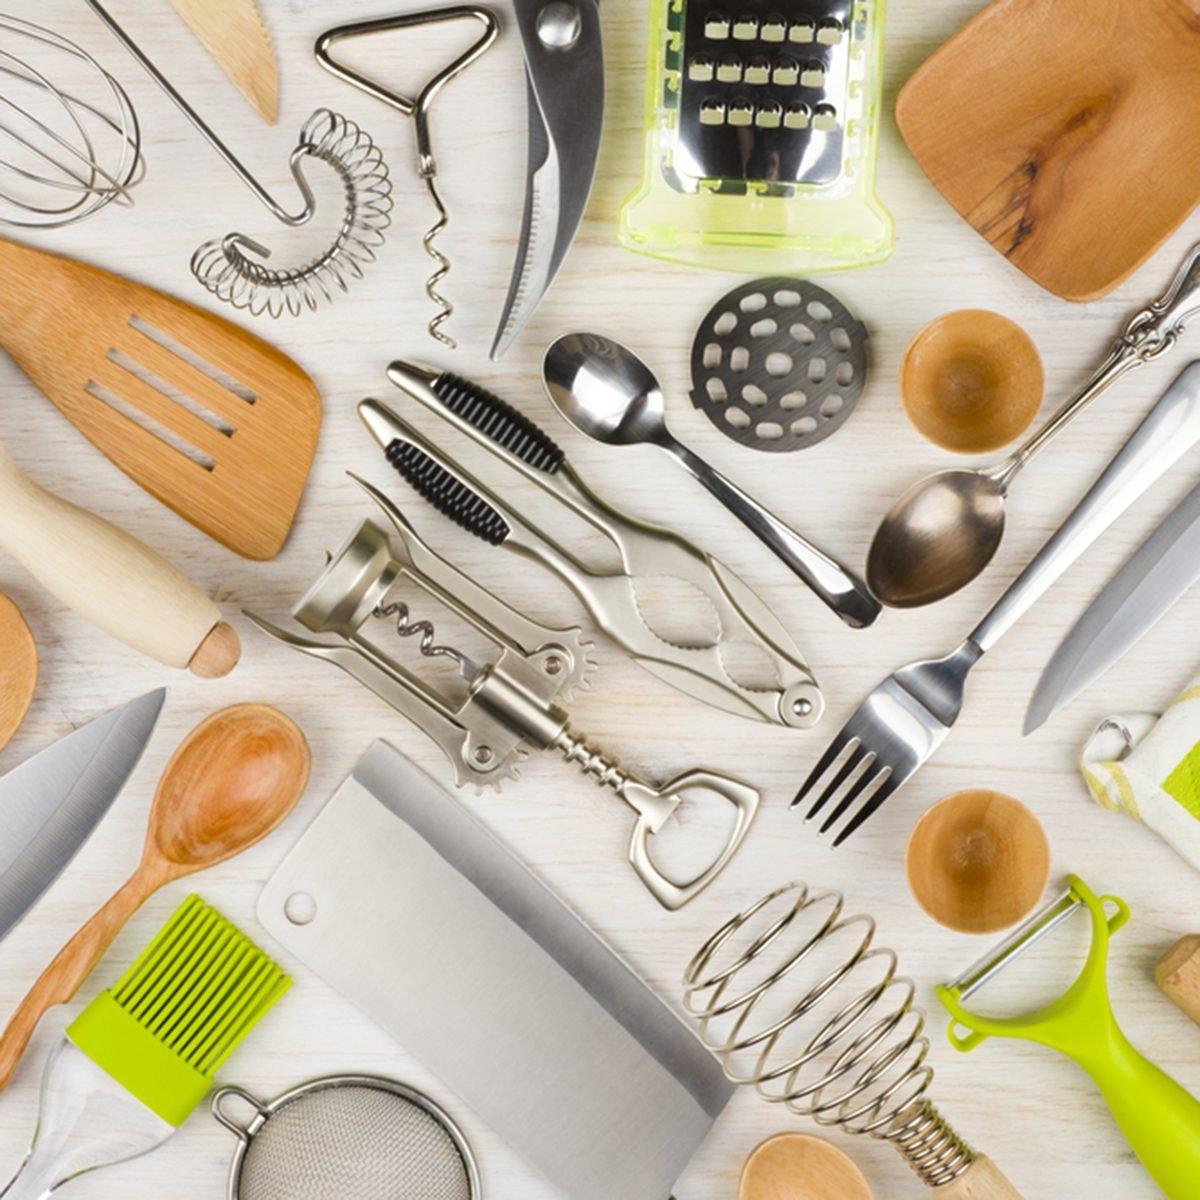 Le kit du parfait cuisinier : Les ustensiles